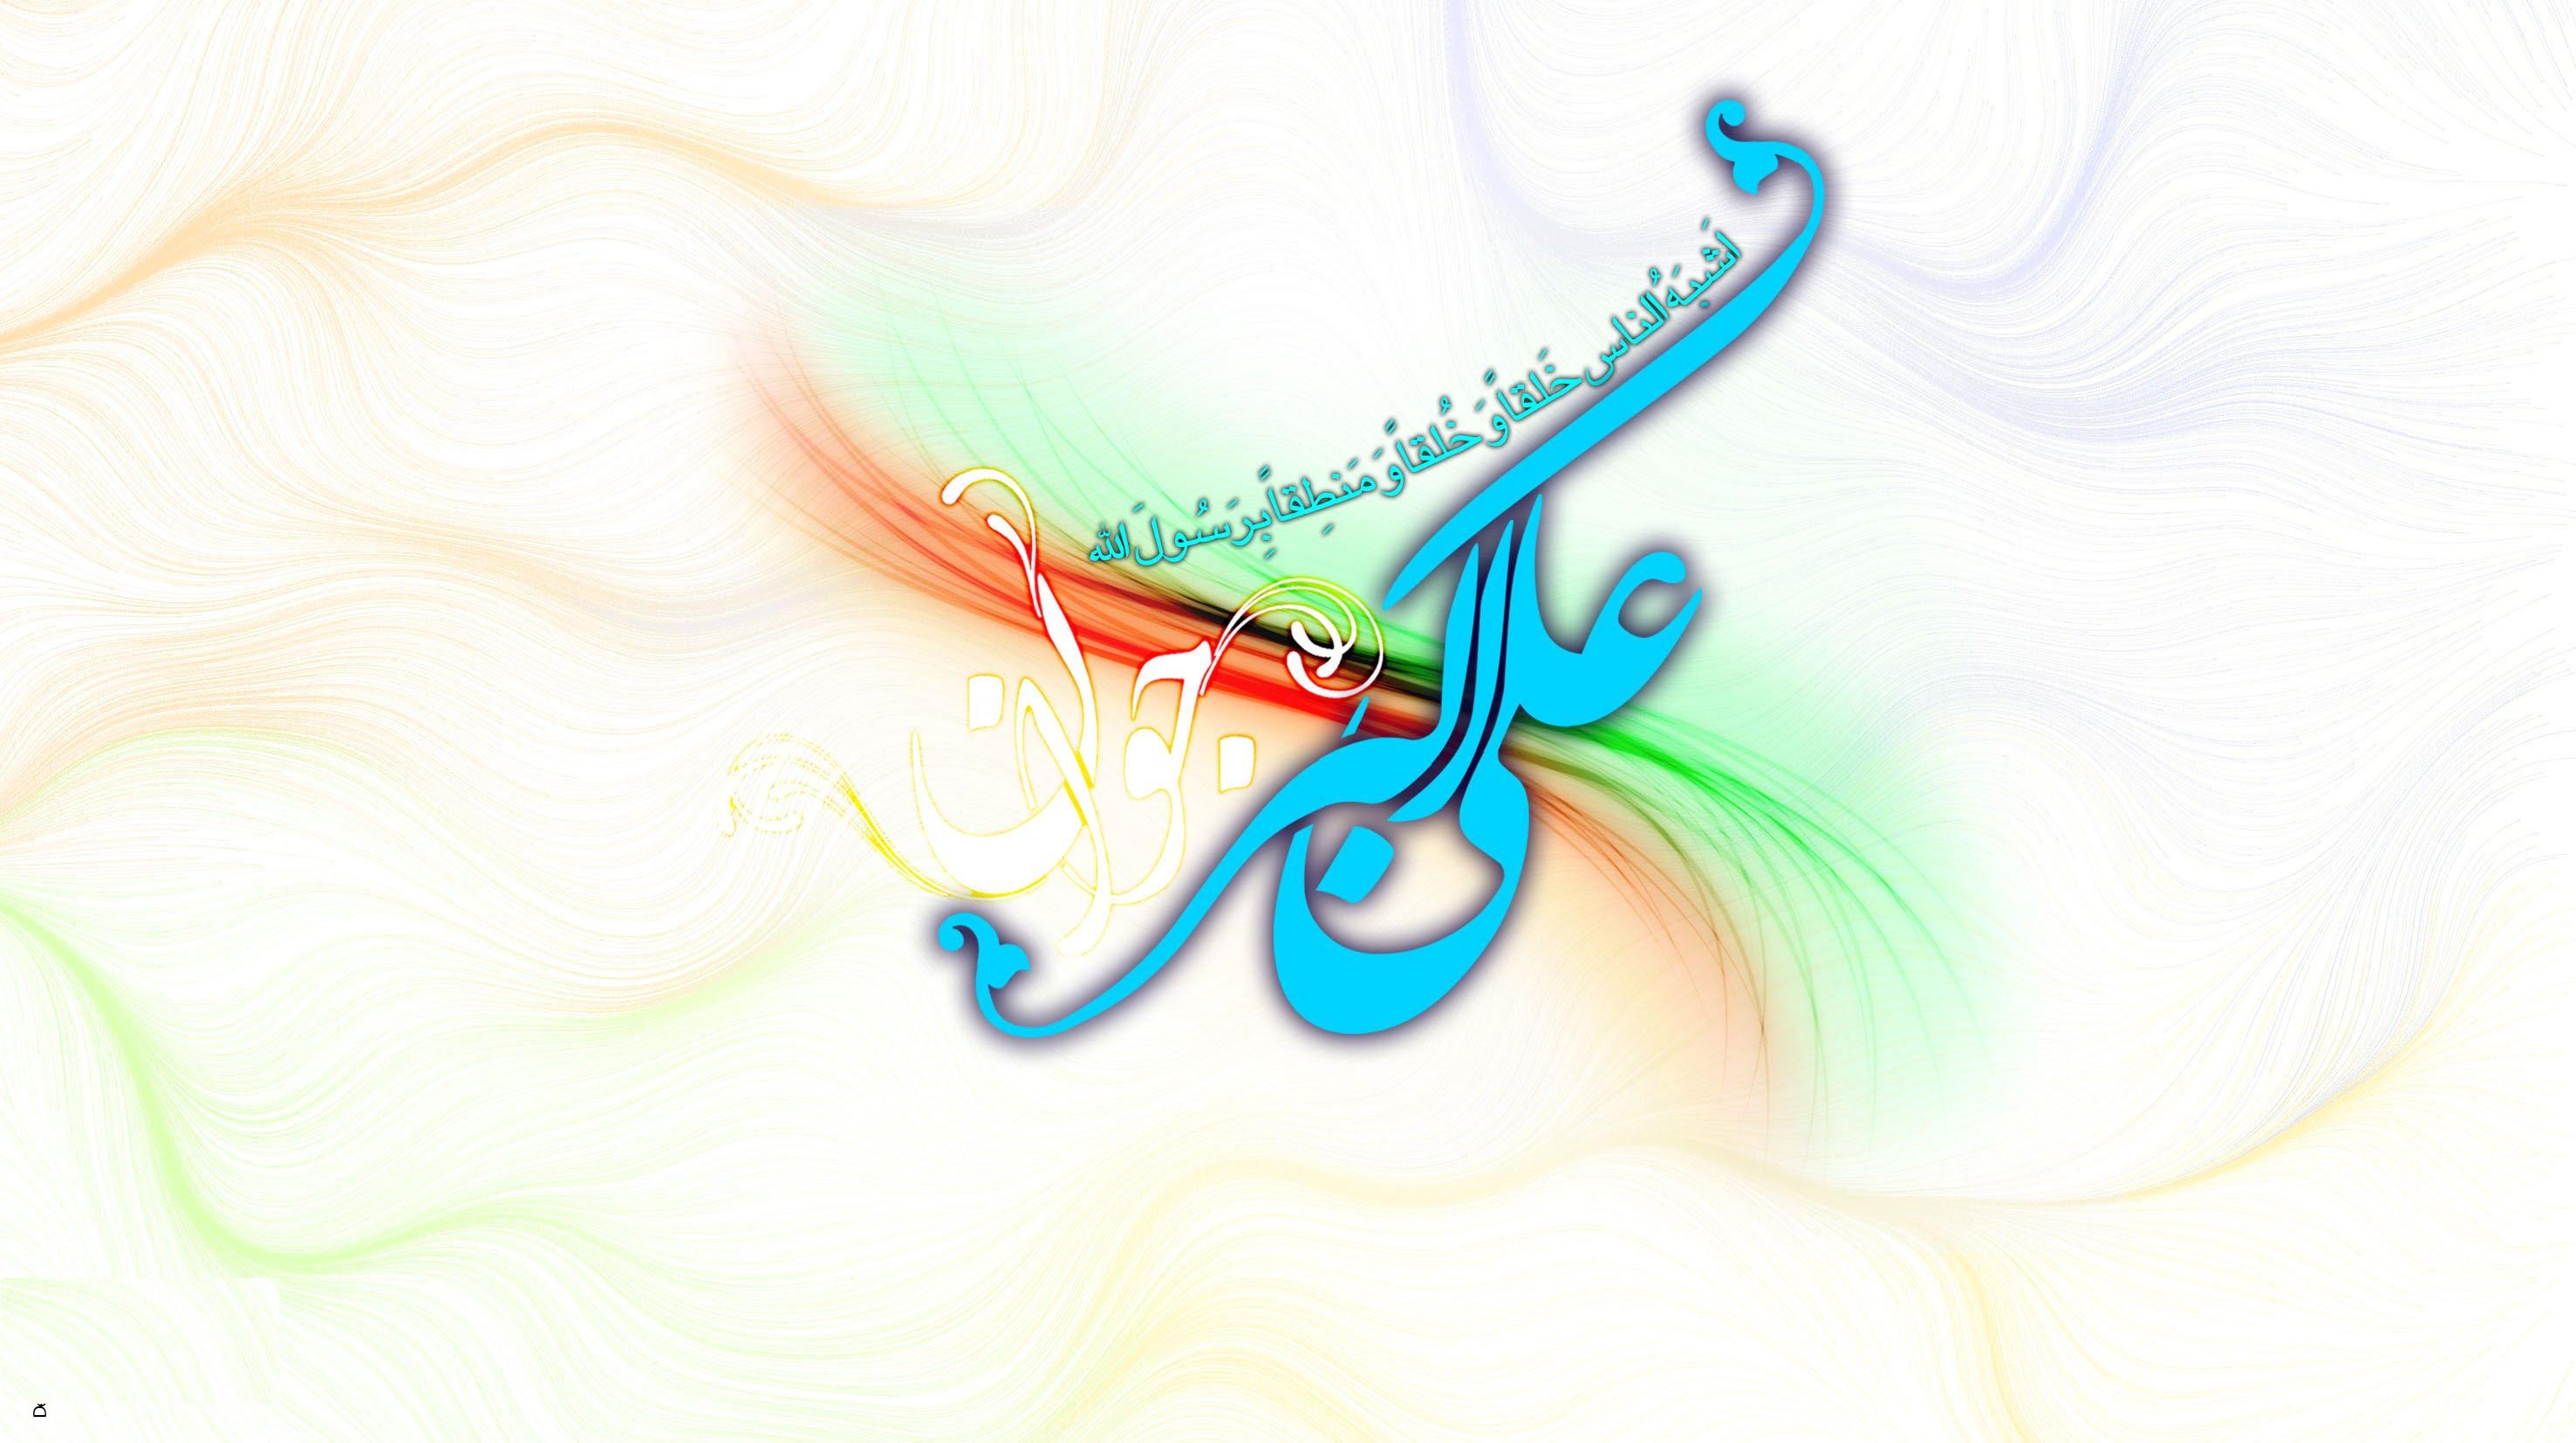 زندگینامه حضرت علی اکبر علیه السلام